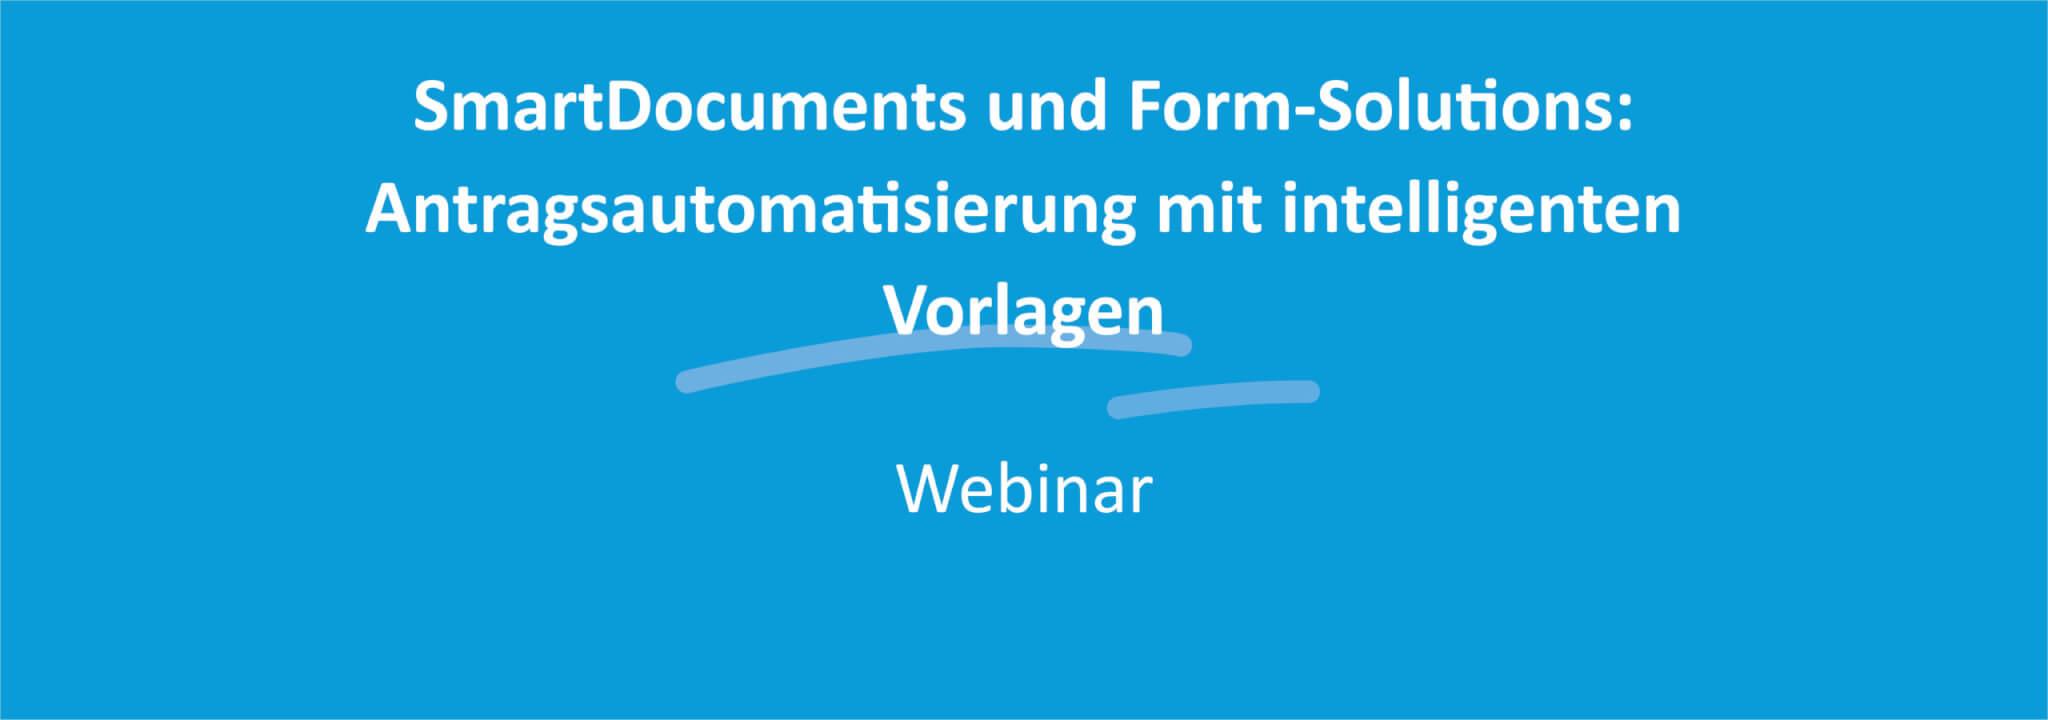 SmartDocuments und Form-Solutions Antragsautomatisierung mit intelligenten Vorlagen